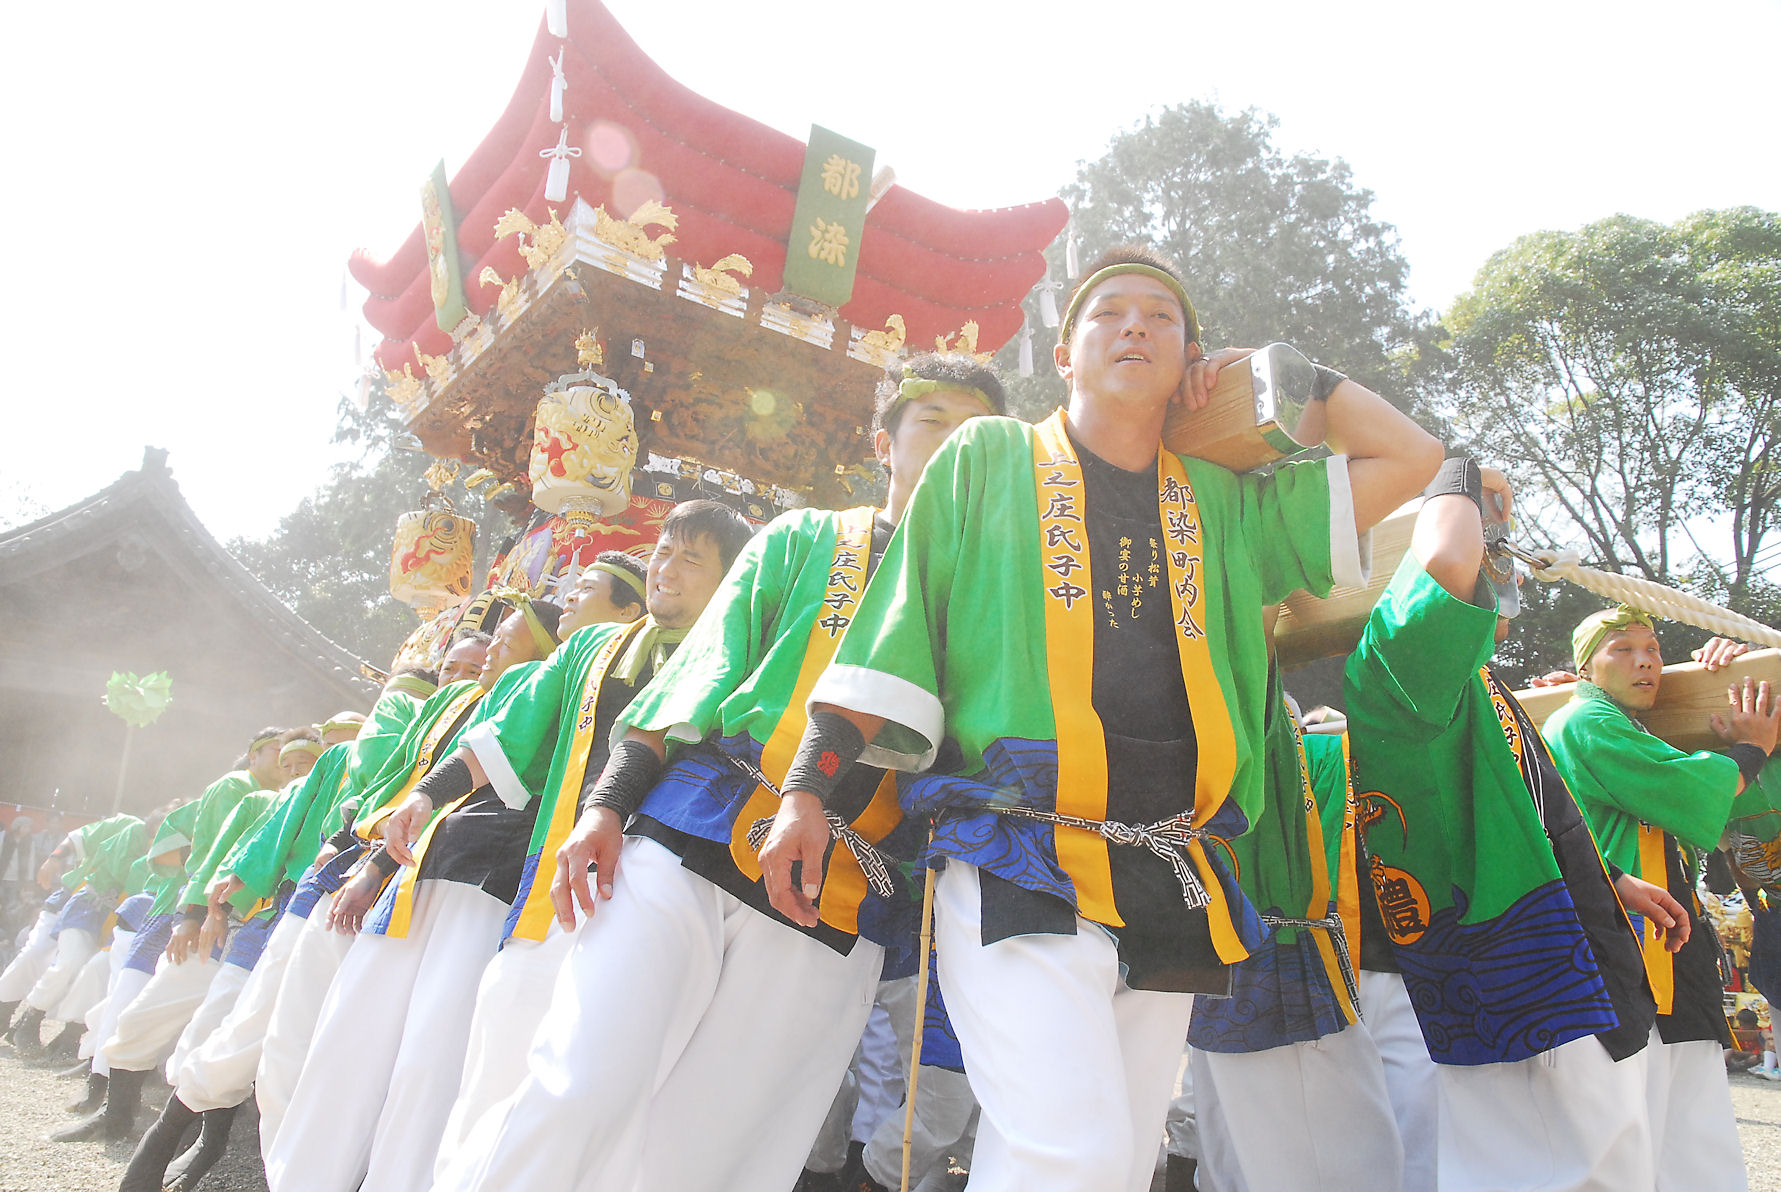 上荘神社の祭り17_c0136419_19233723.jpg